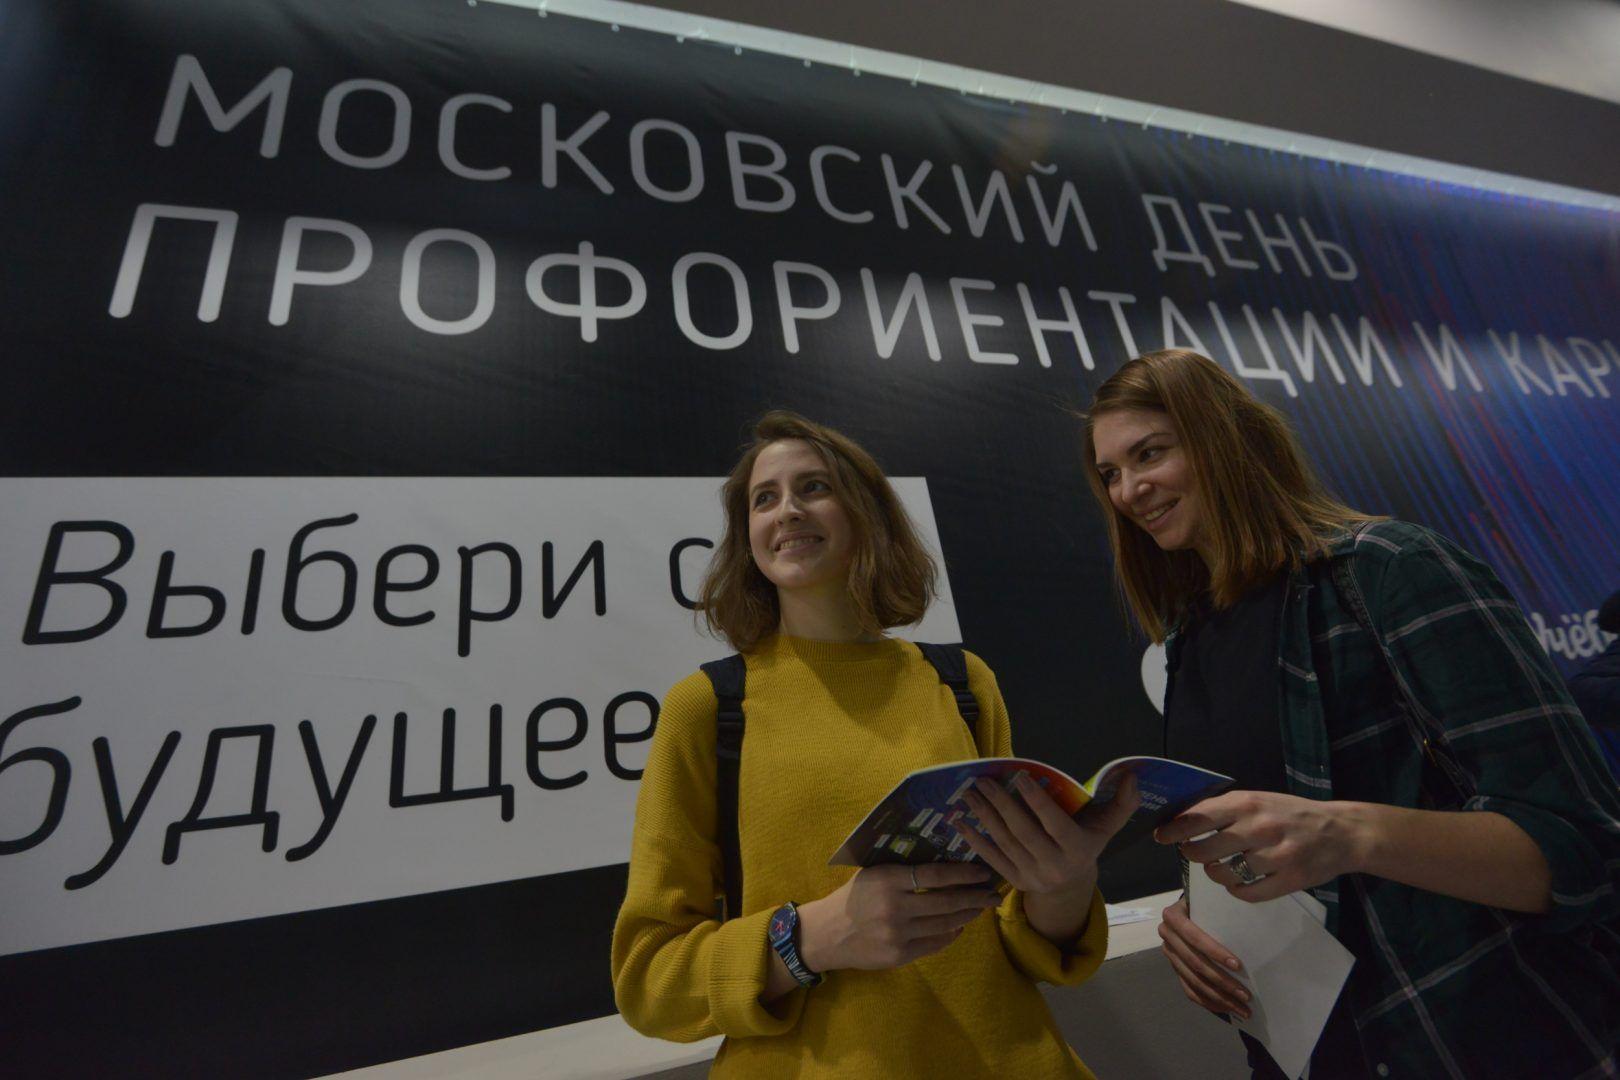 Мероприятие пройдет с 11:00 до 18:00. Фото: Наталья Феоктистова